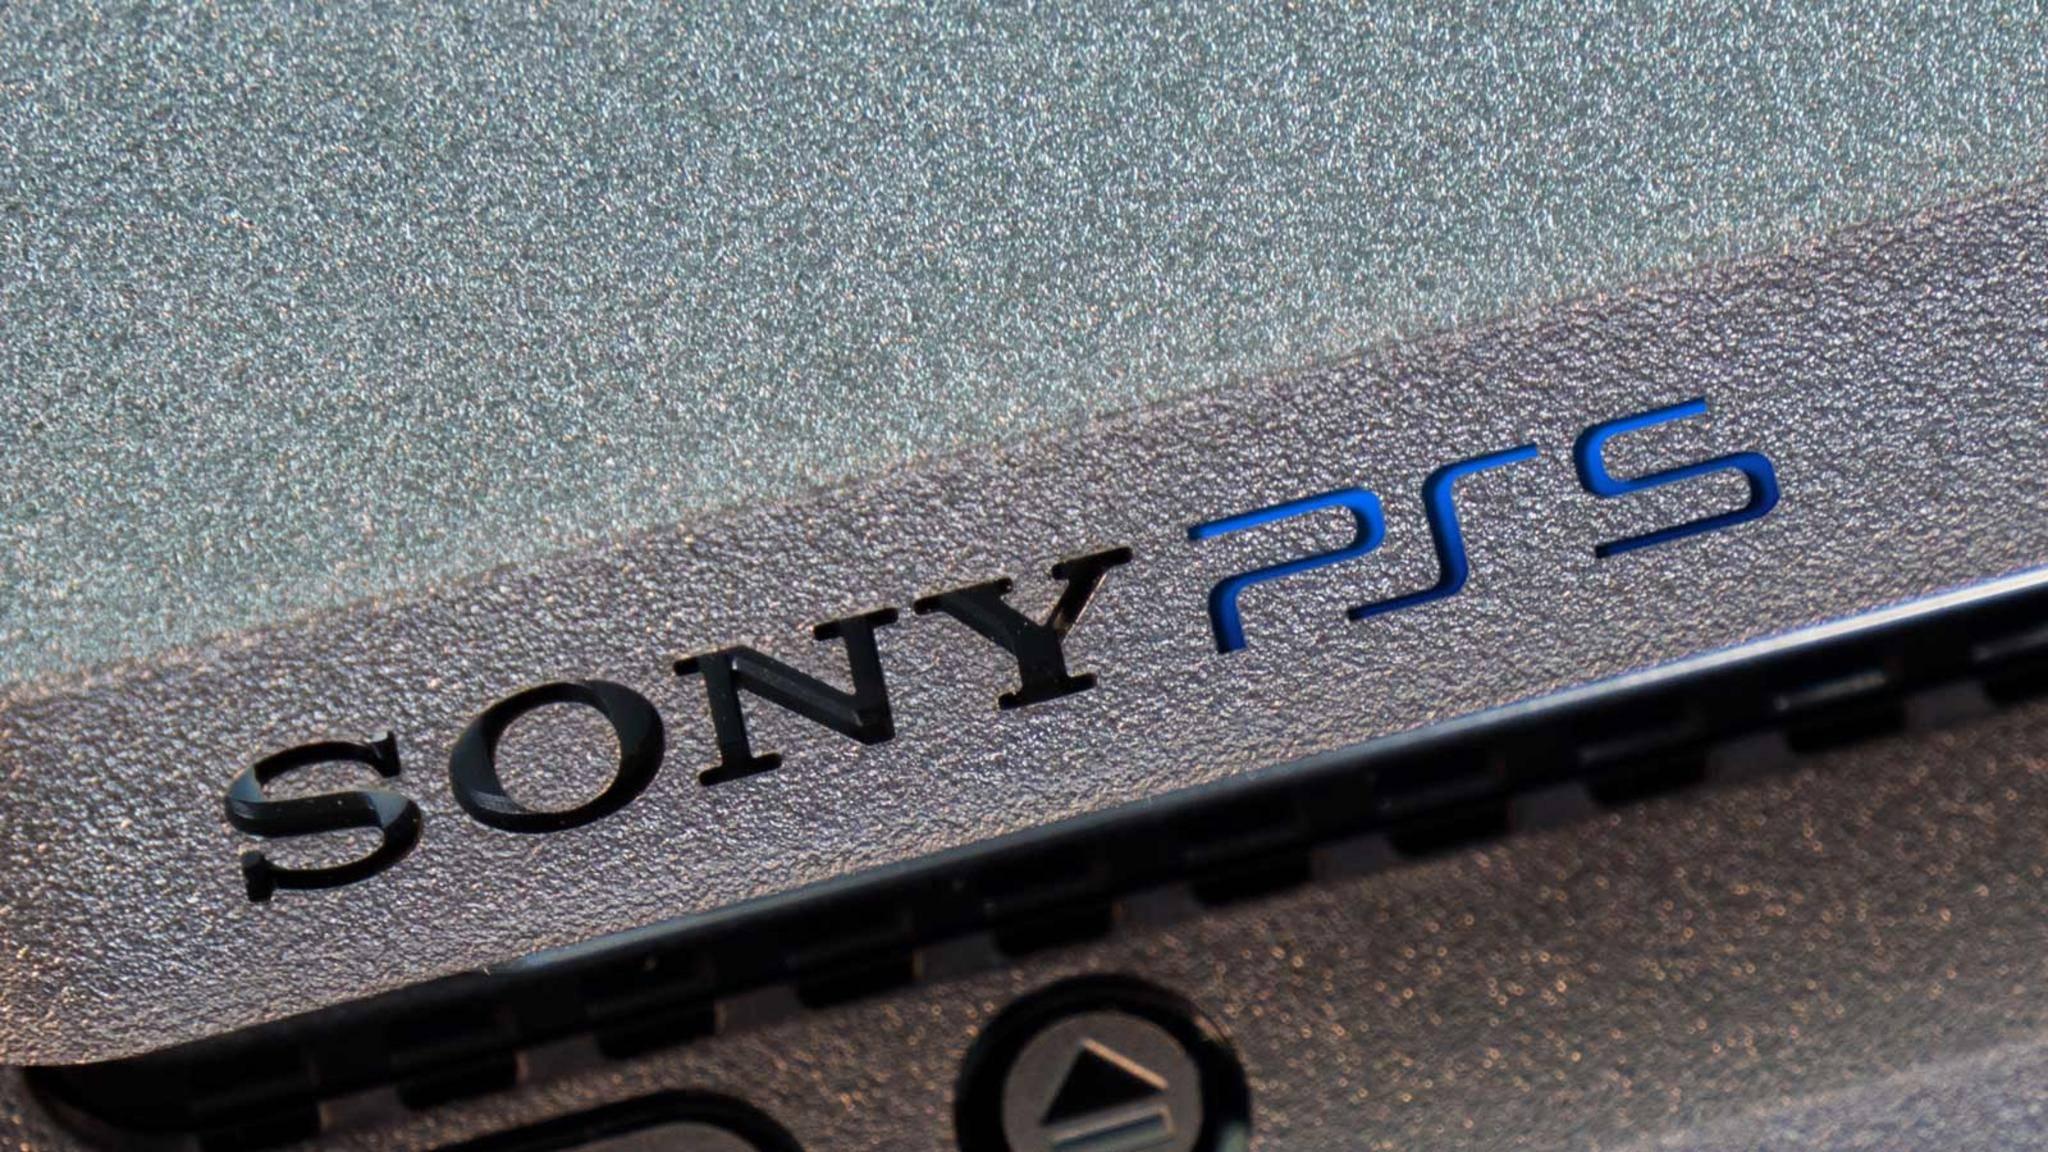 Vielleicht sollten wir uns nicht zu sehr an die Vorstellung von 4K & 60 FPS auf PS5 und Co. gewöhnen ...